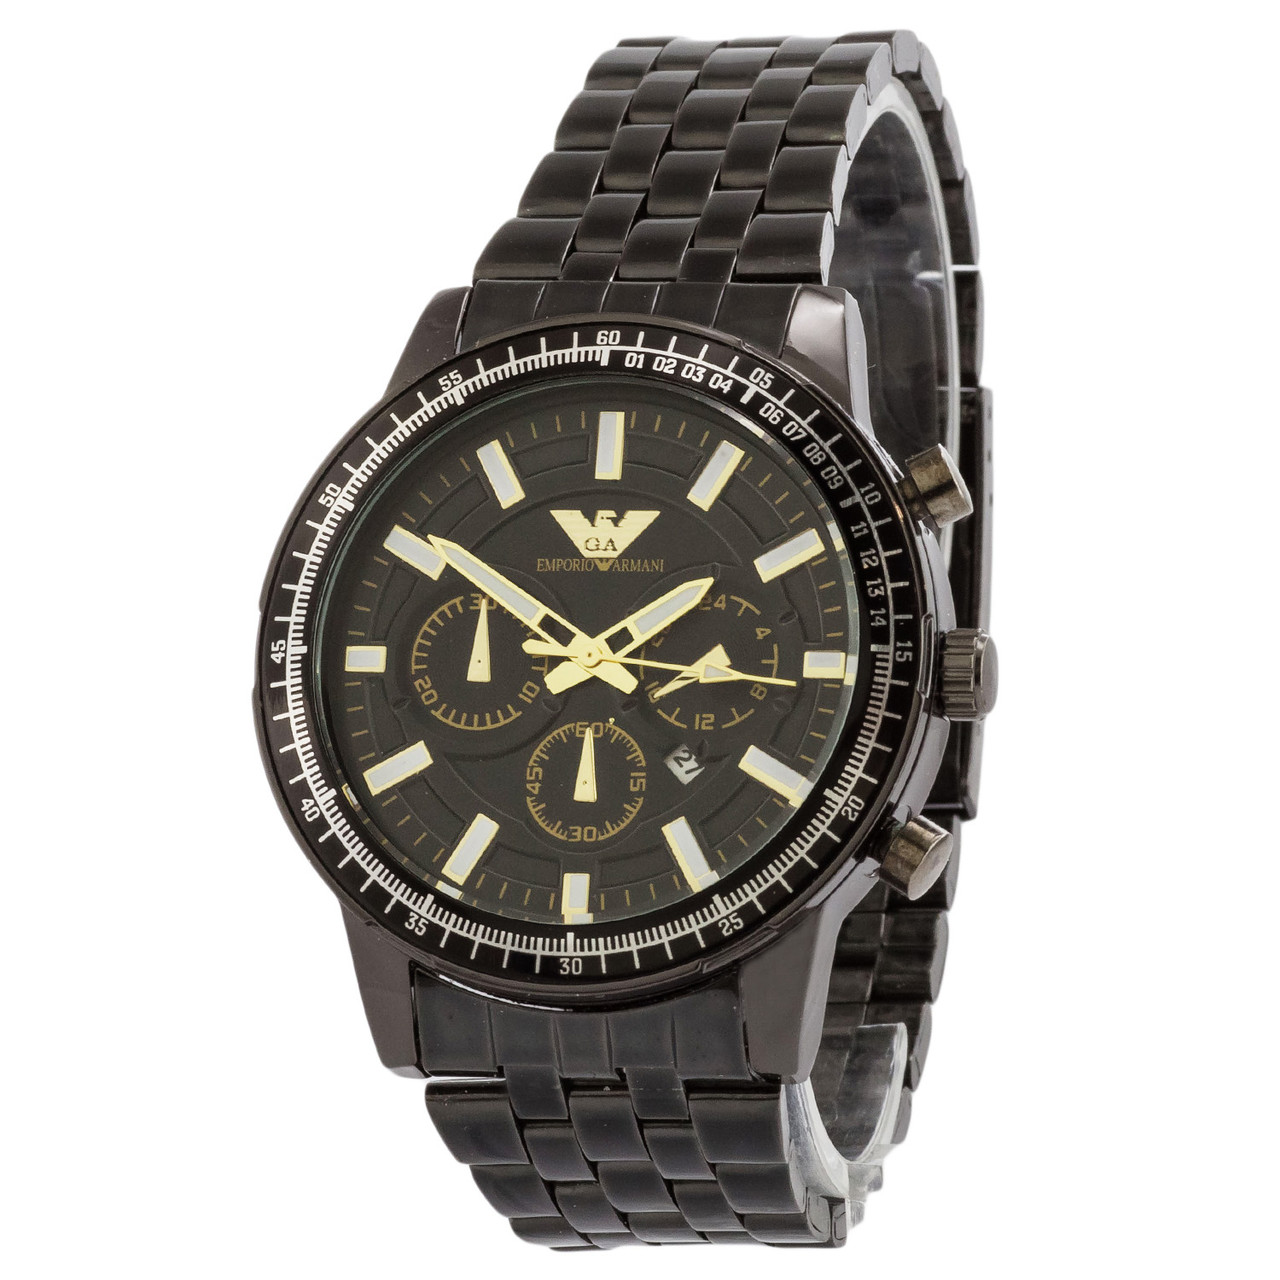 ЧАСЫ Мужские EMPORIO ARMANI SSB Black (эмпорио армани черные) Наручные Чоловічий годинник реплика